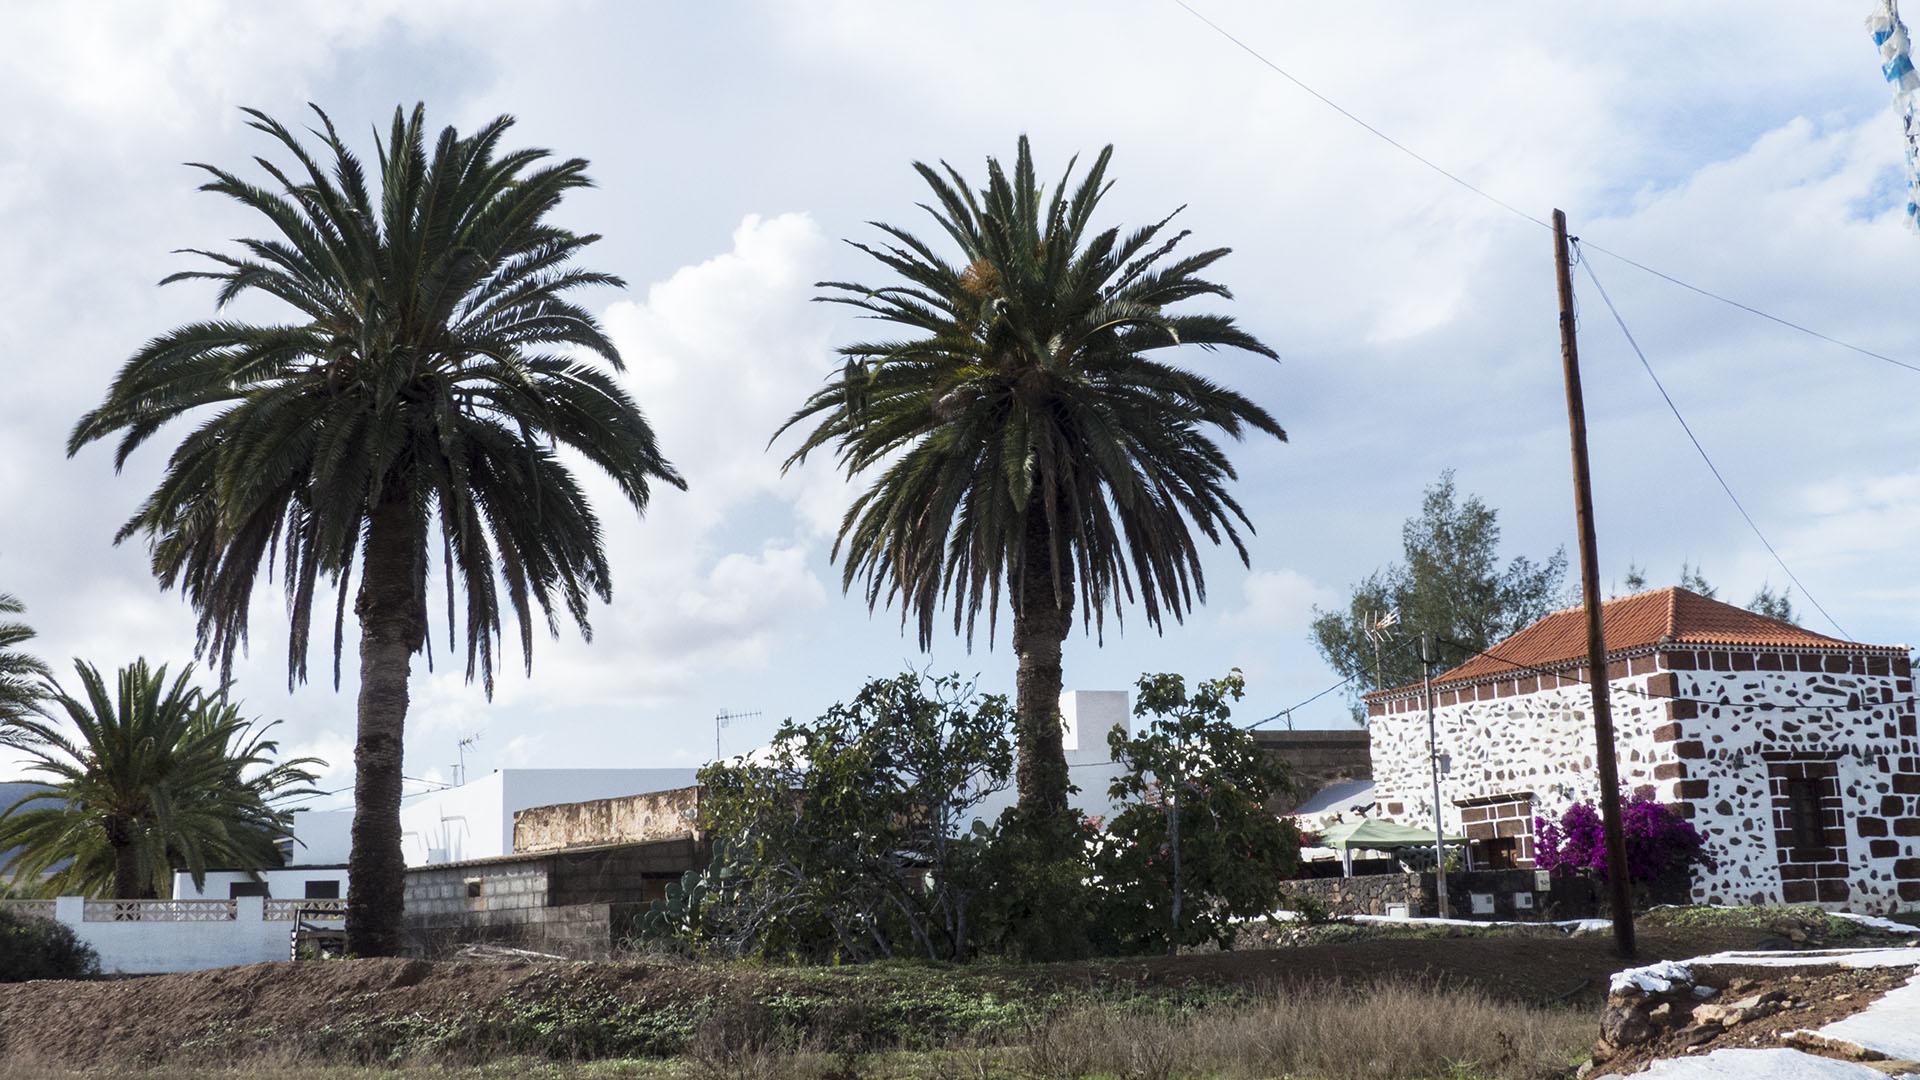 Städte und Ortschaften Fuerteventuras: Casillas del Ángel